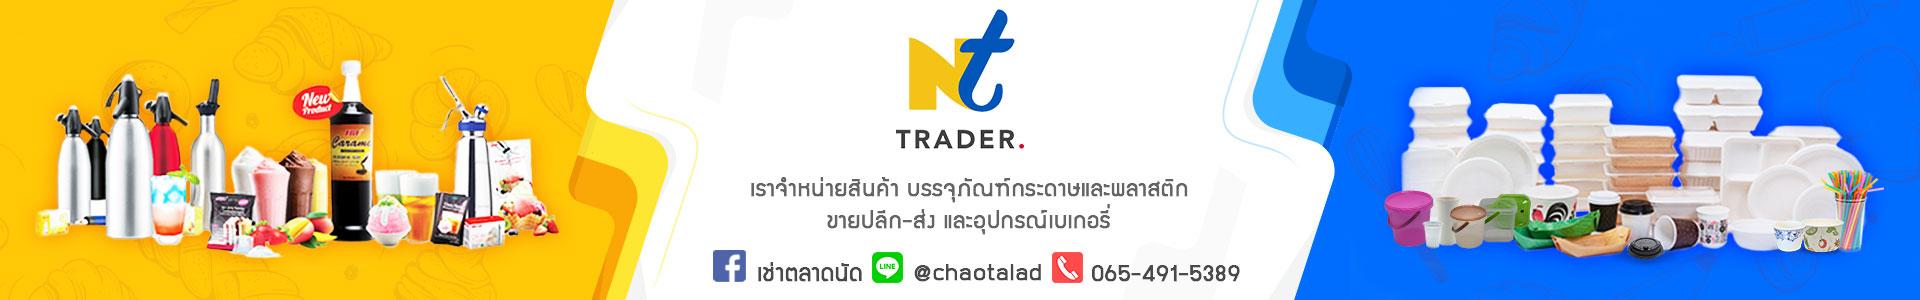 หาที่ขายของ เช่าที่ขายของ เช่าตลาด ขายของตลาดนัด